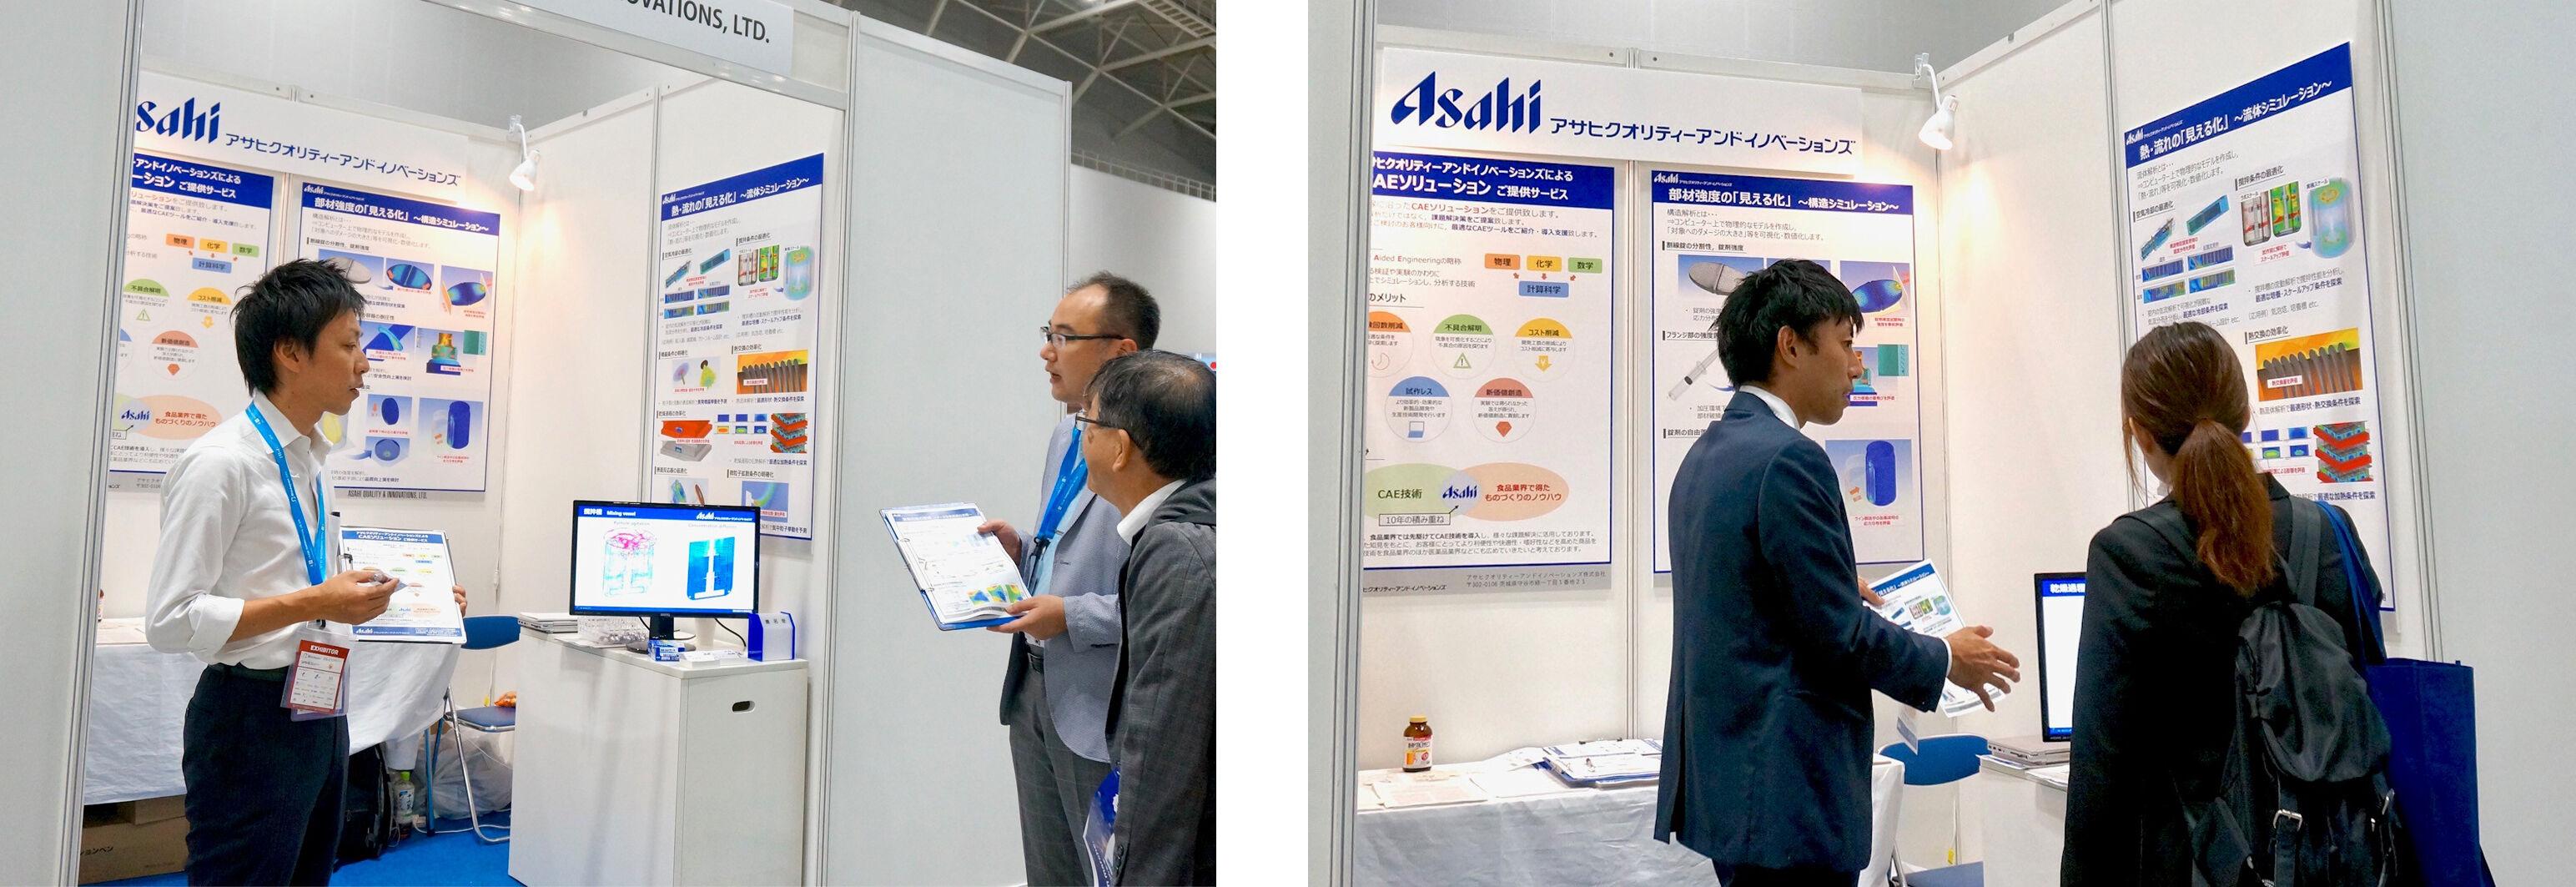 BioJapan出展ブースにてお客さまに説明をするAQI社の研究員